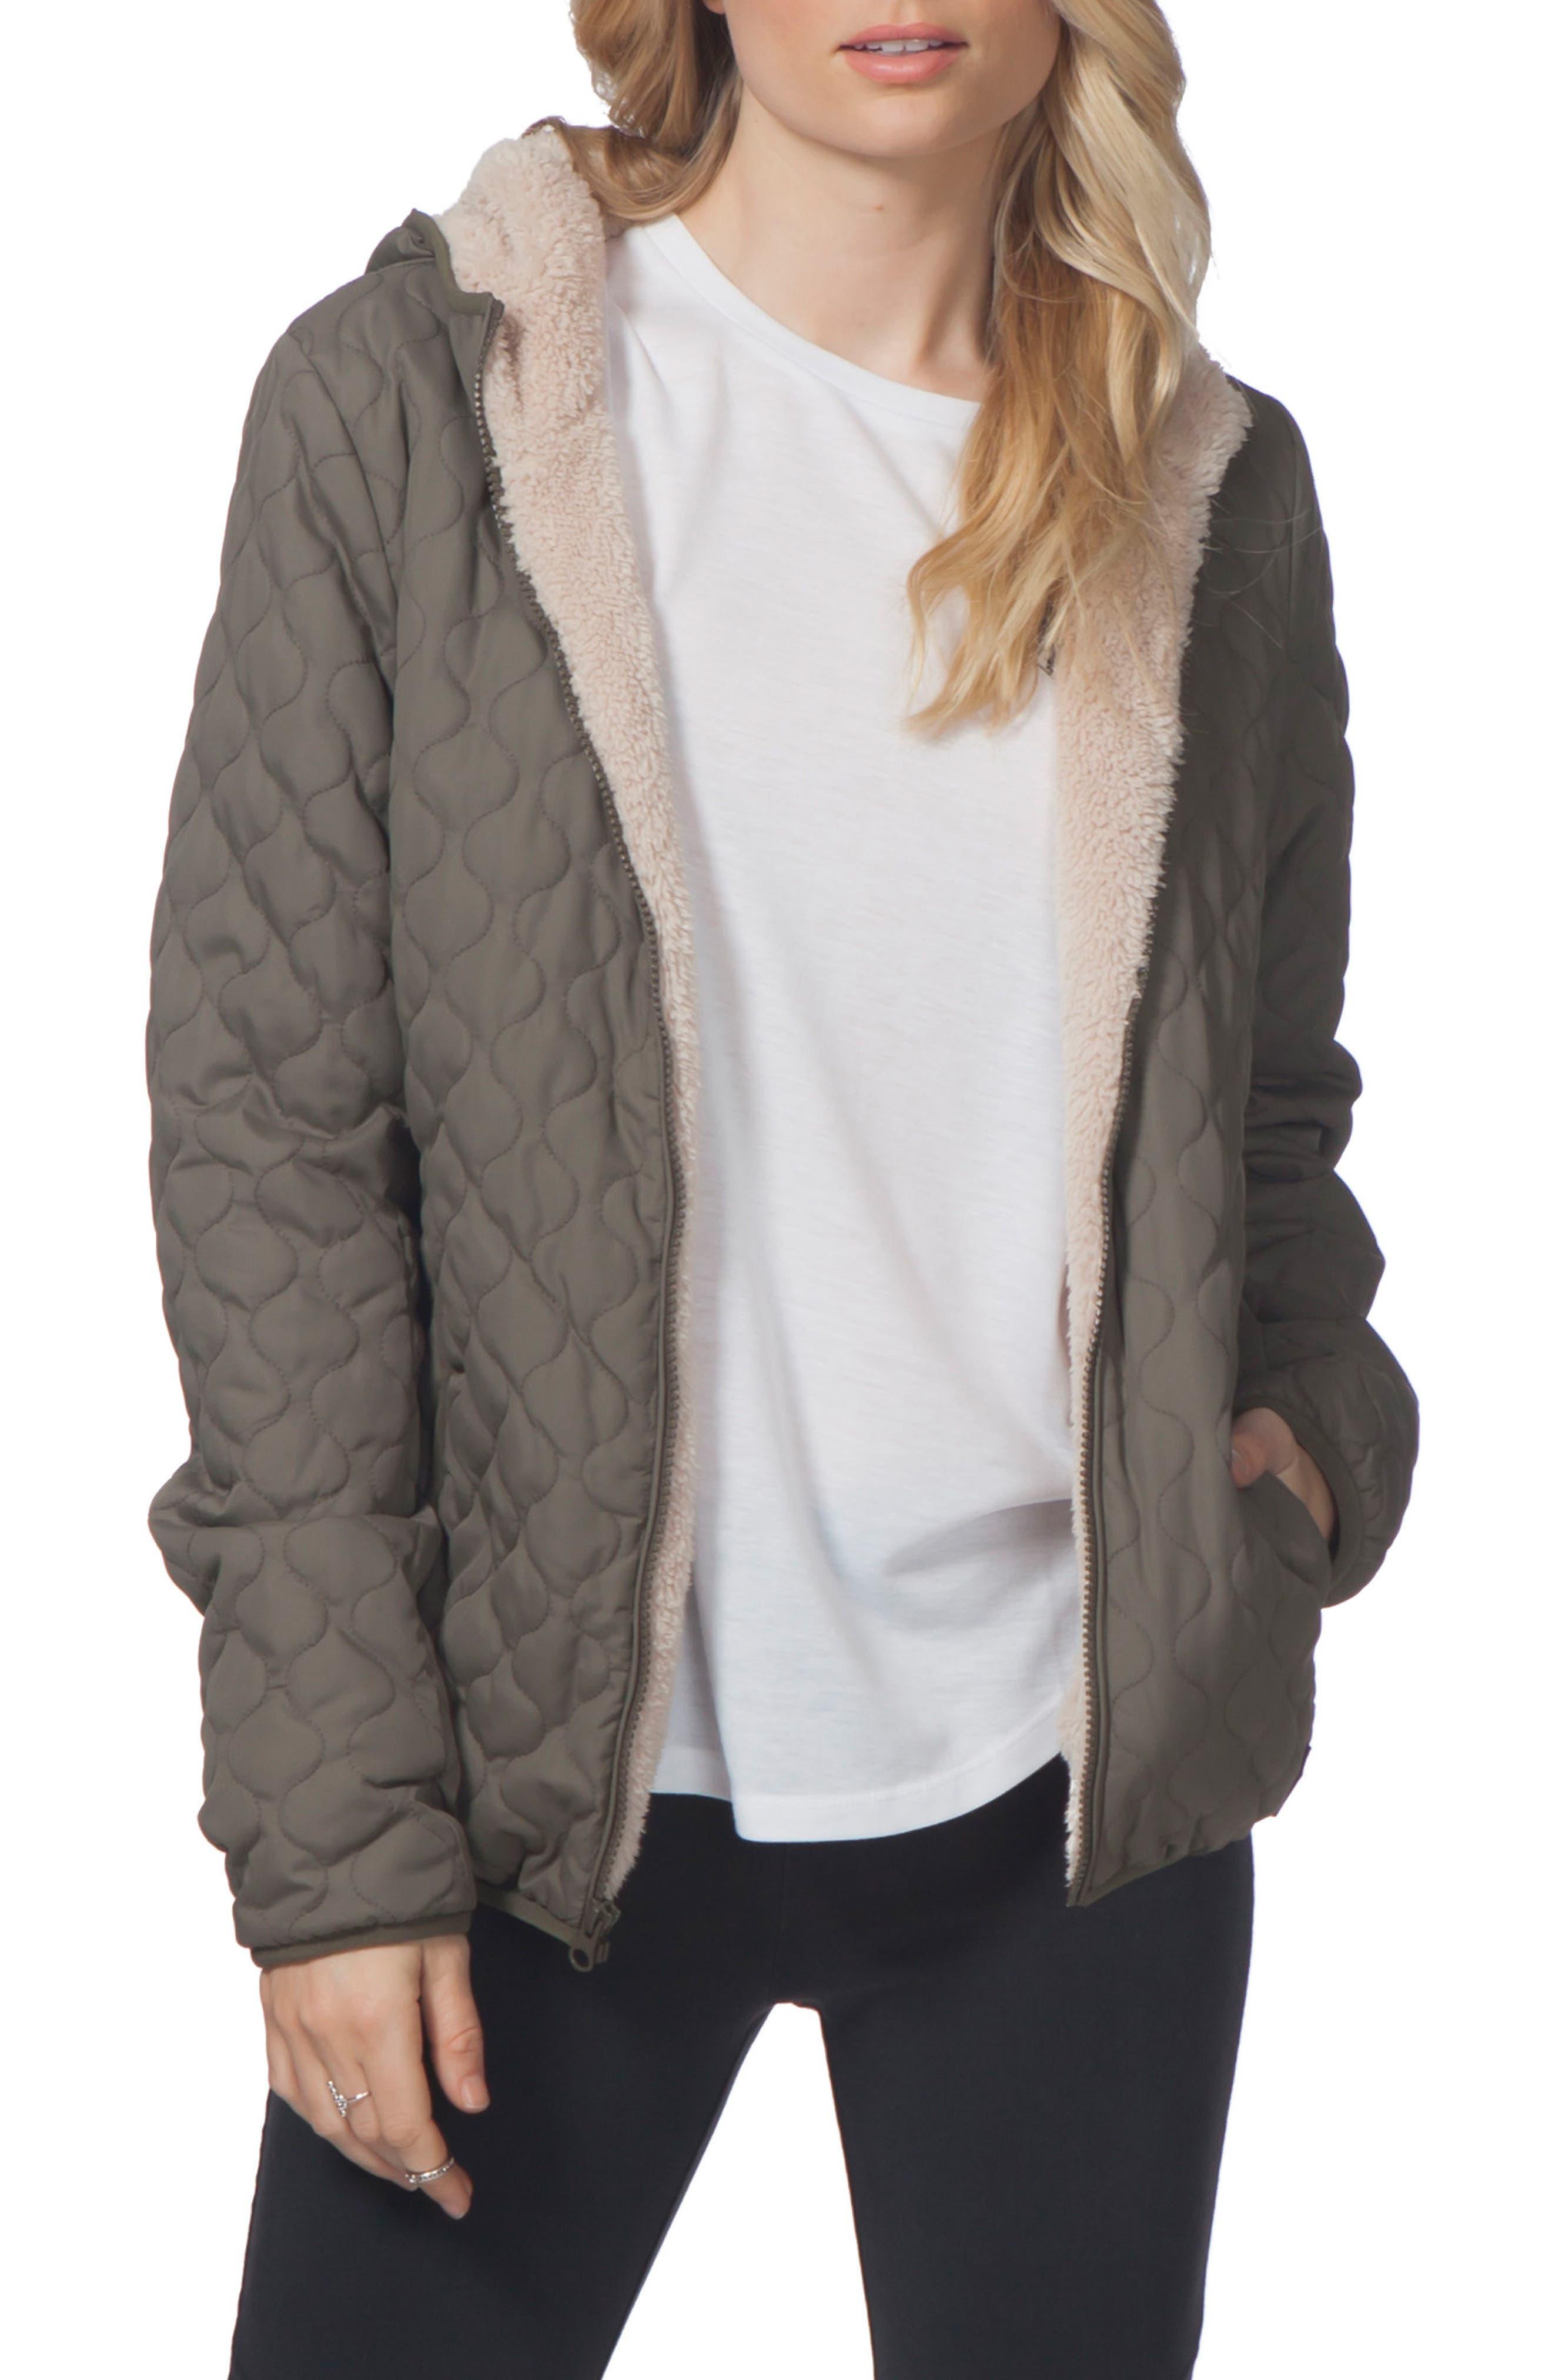 Alternate Image 1 Selected - Rip Curl Anoeta Anti Series Jacket